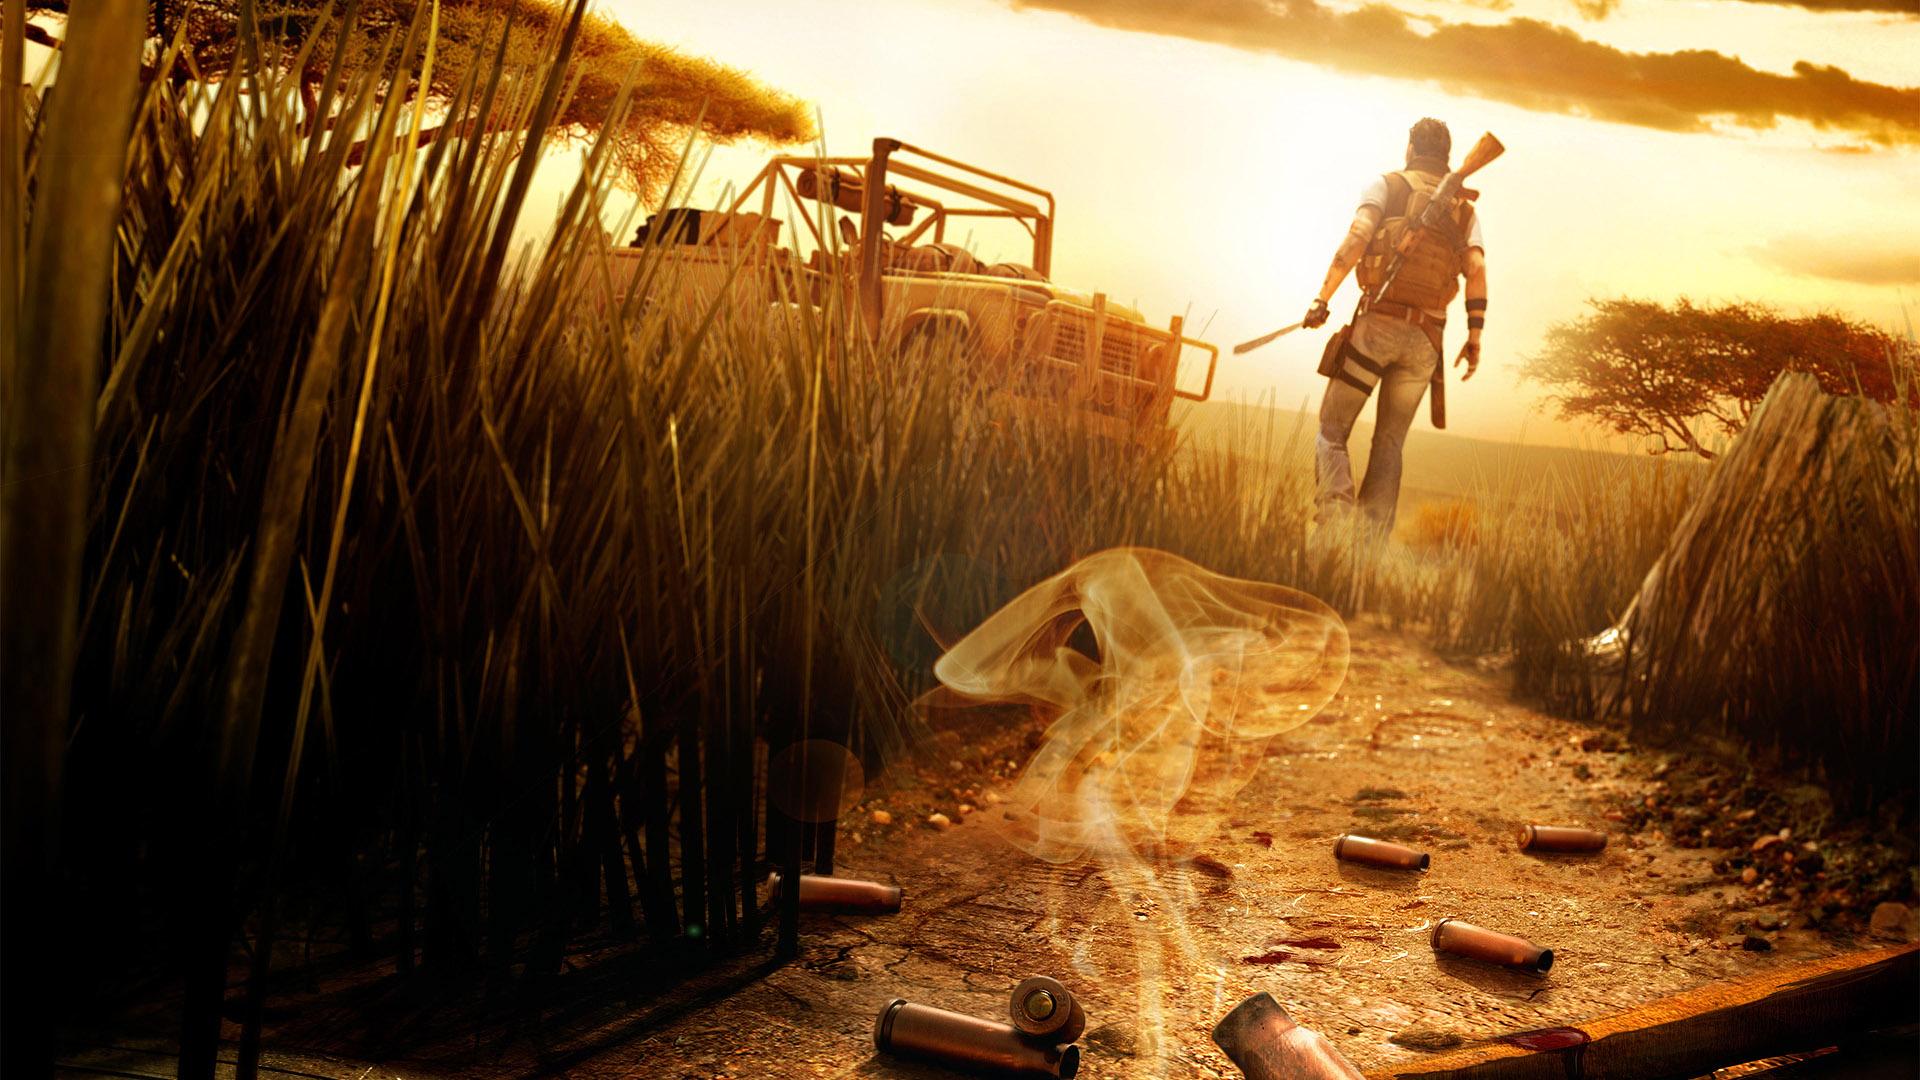 817579 Gaming Wallpaper Desktop h817579 Games HD Wallpaper 1920x1080